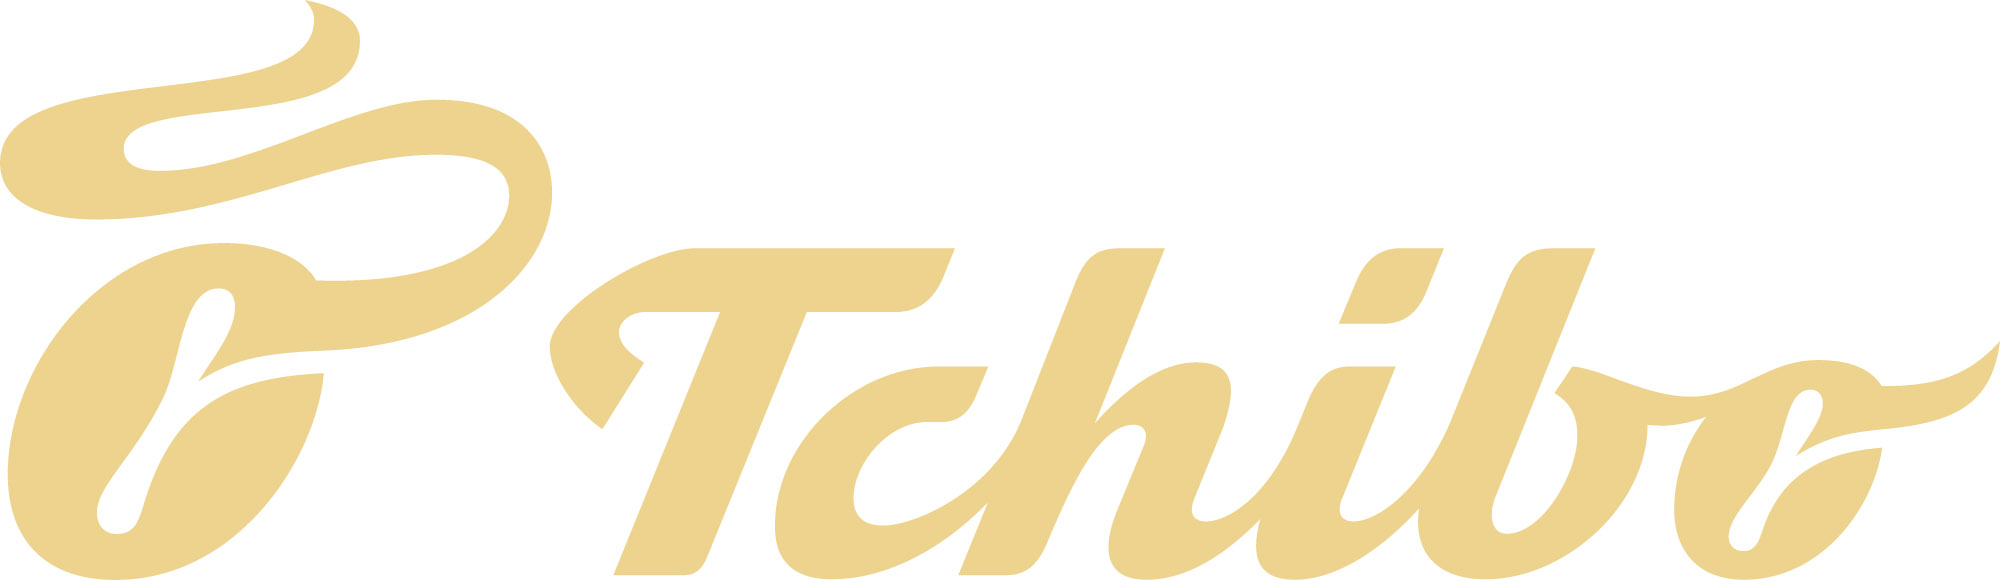 Gewinnen Sie farbenfrohe Inspirationen für den Sommer - Sponsor logo